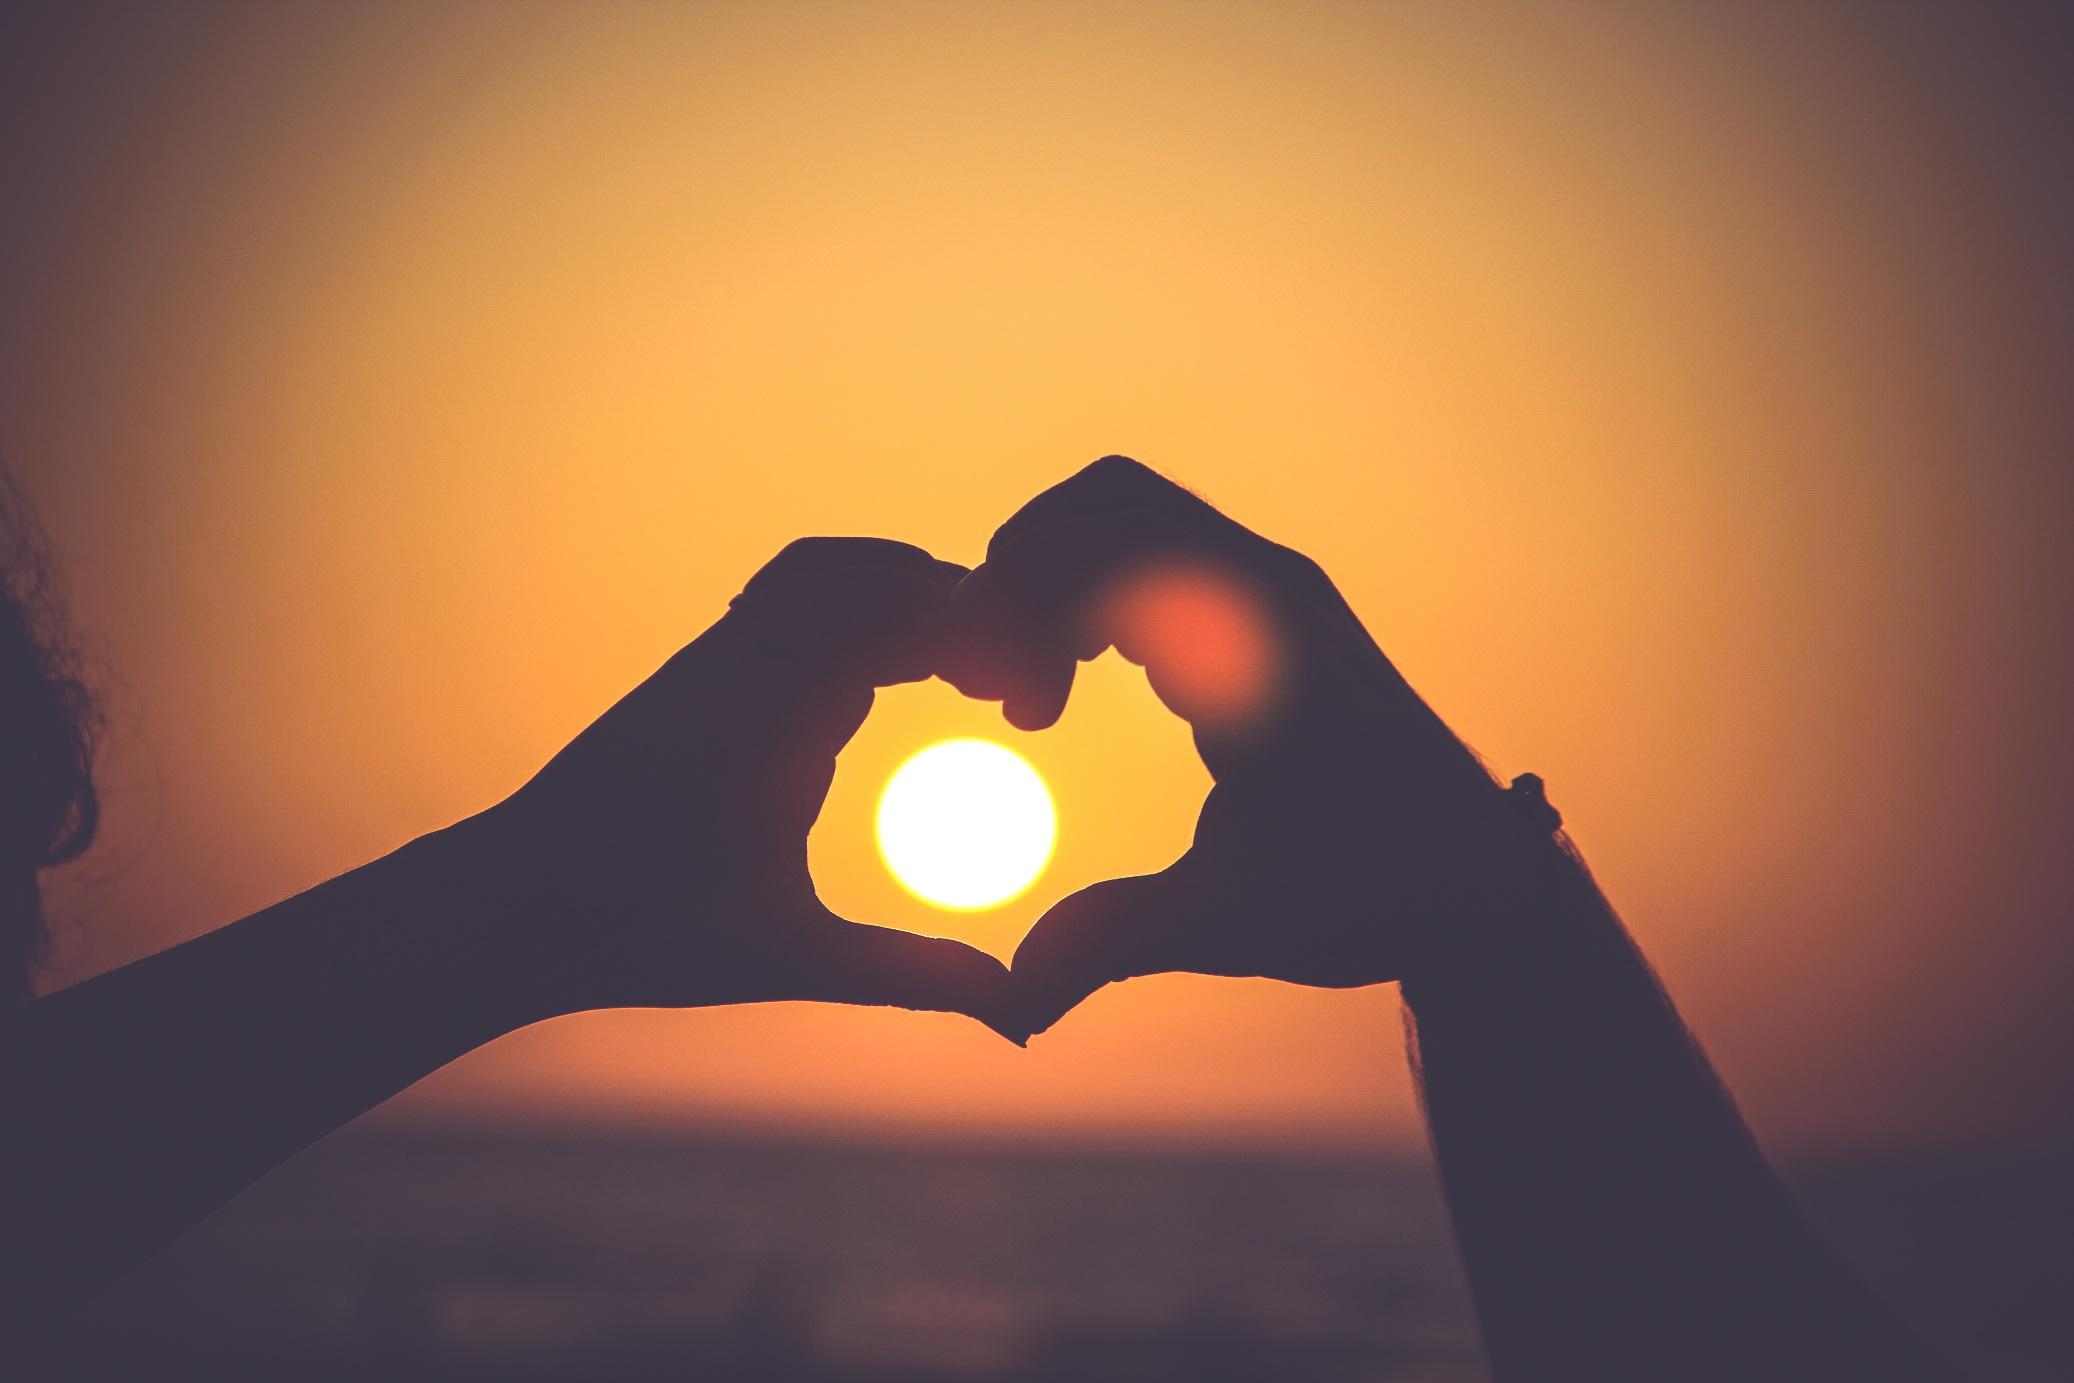 hands heart sunset.jpg